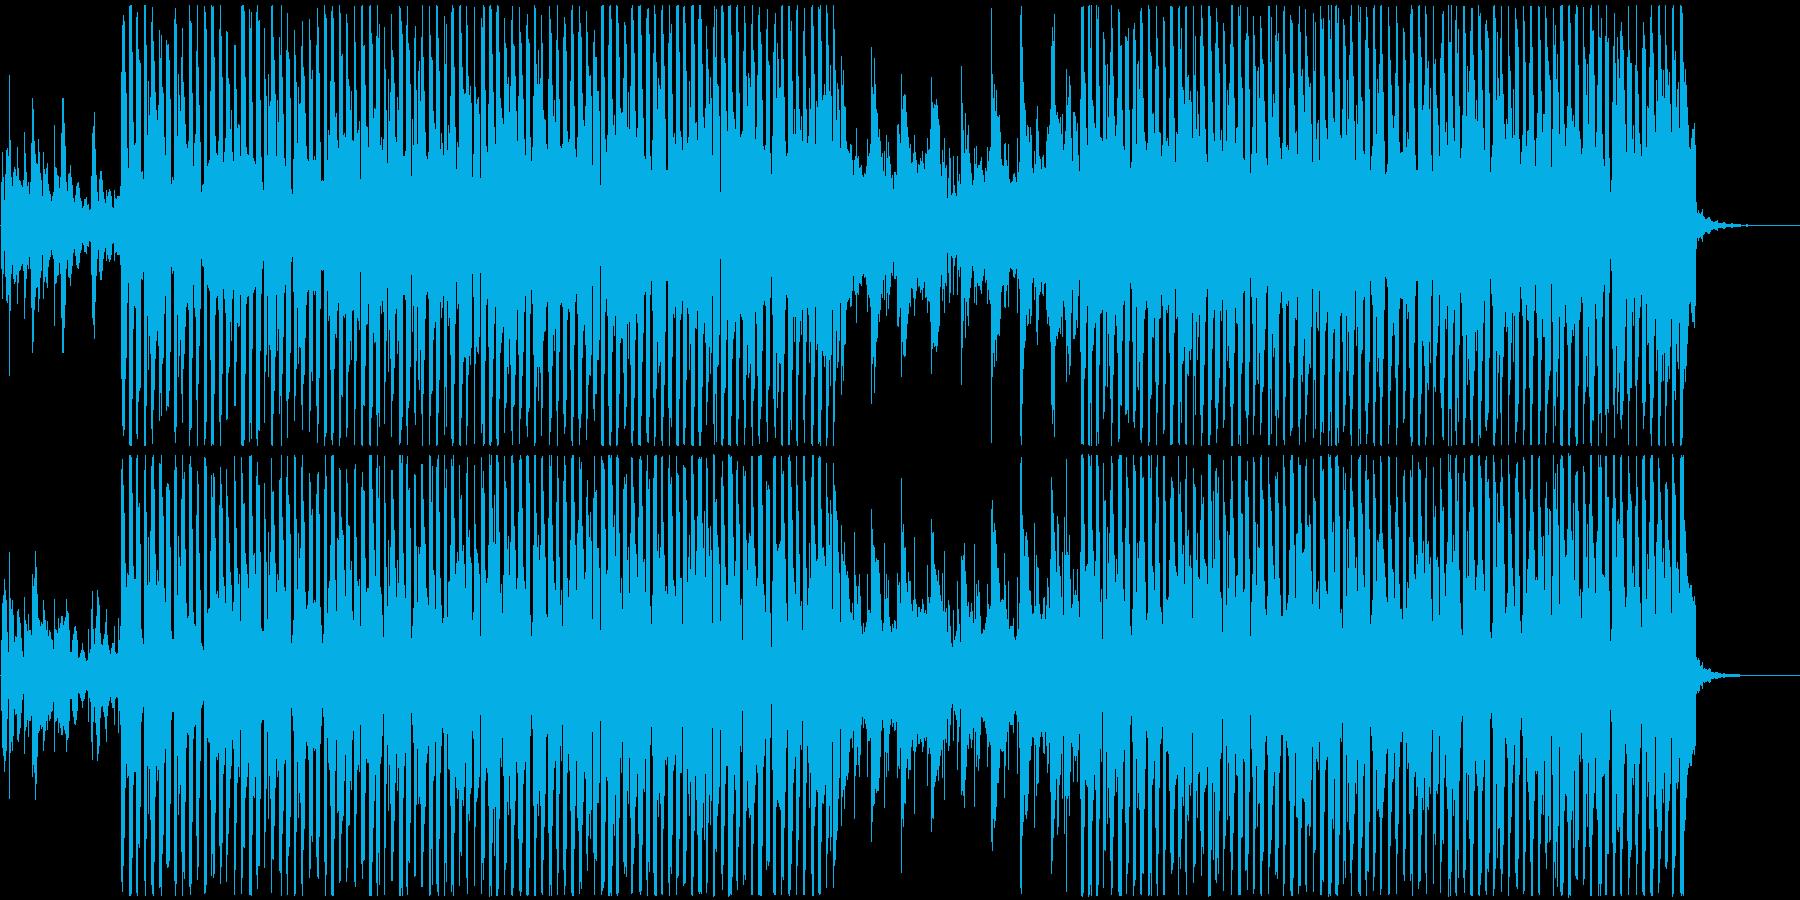 遊び心のある軽快なポップサウンドの再生済みの波形